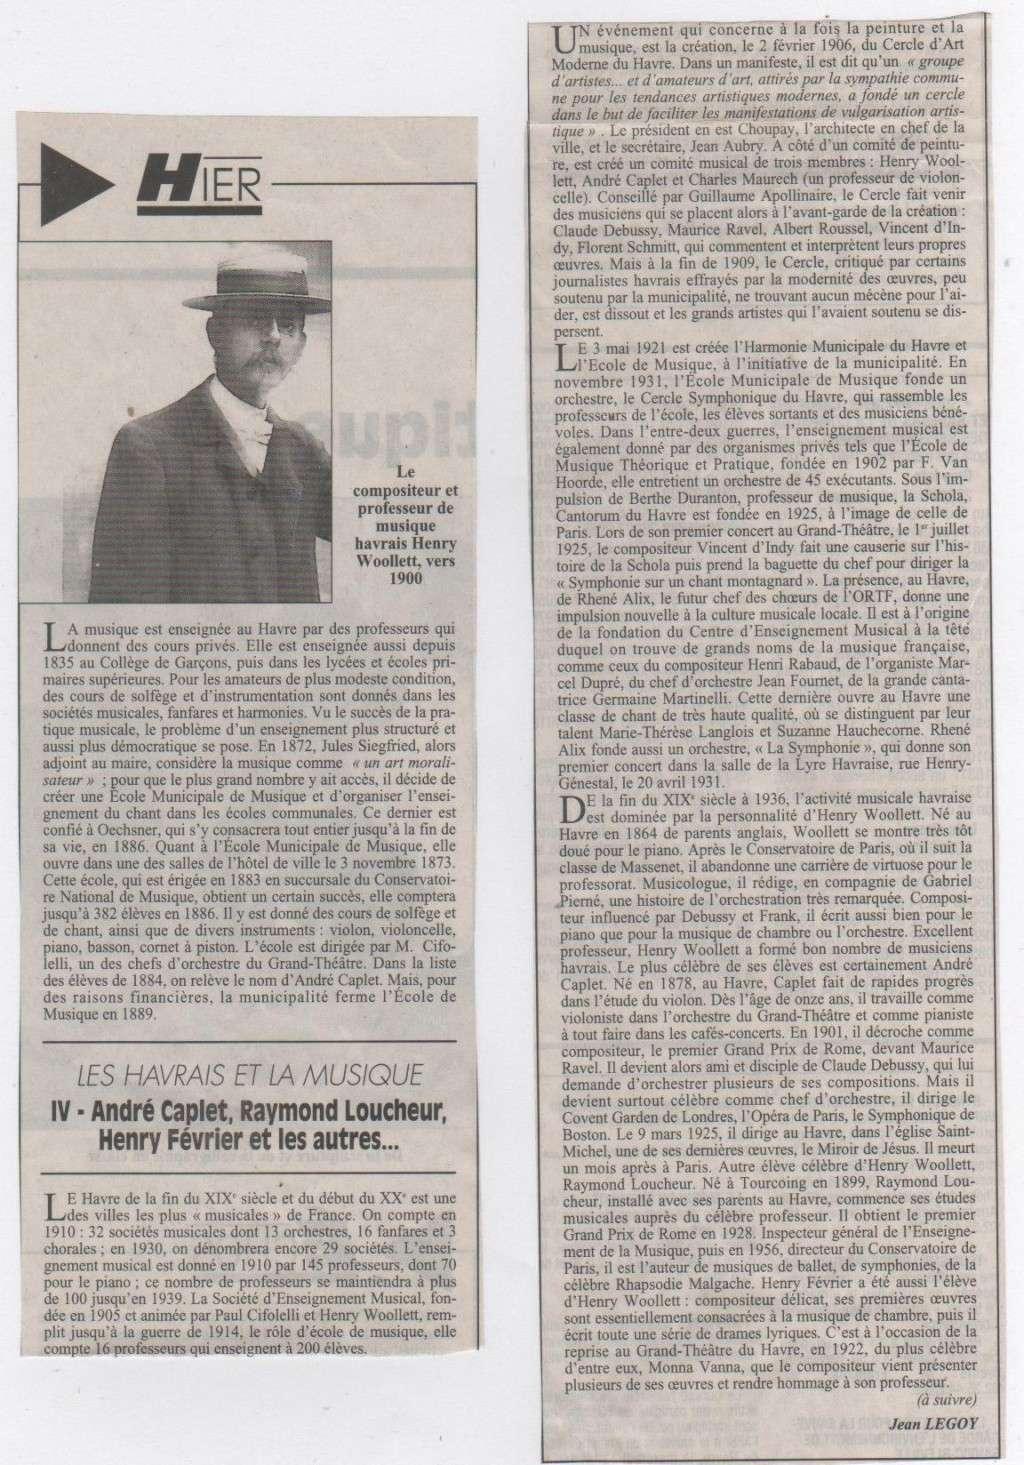 Hier, Le Havre par Jean LEGOY - Page 2 Jean_l81